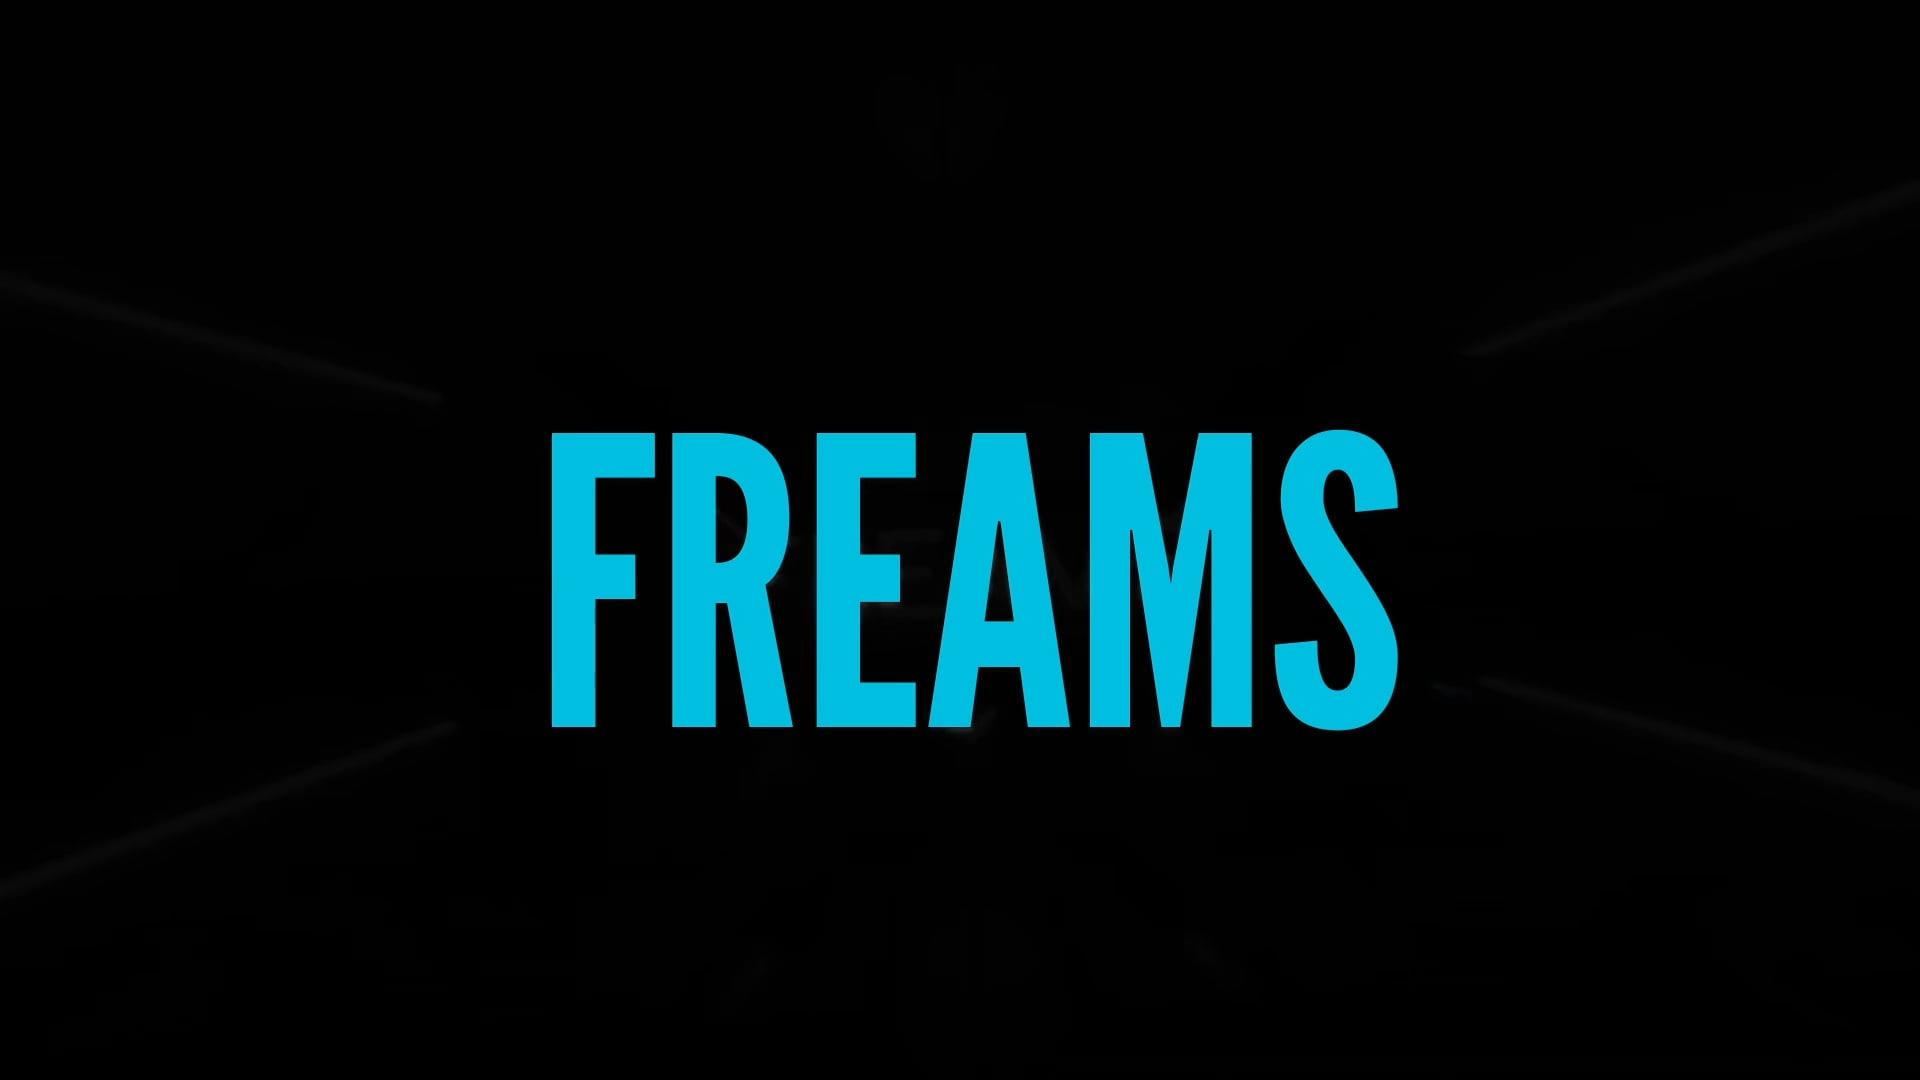 Freams